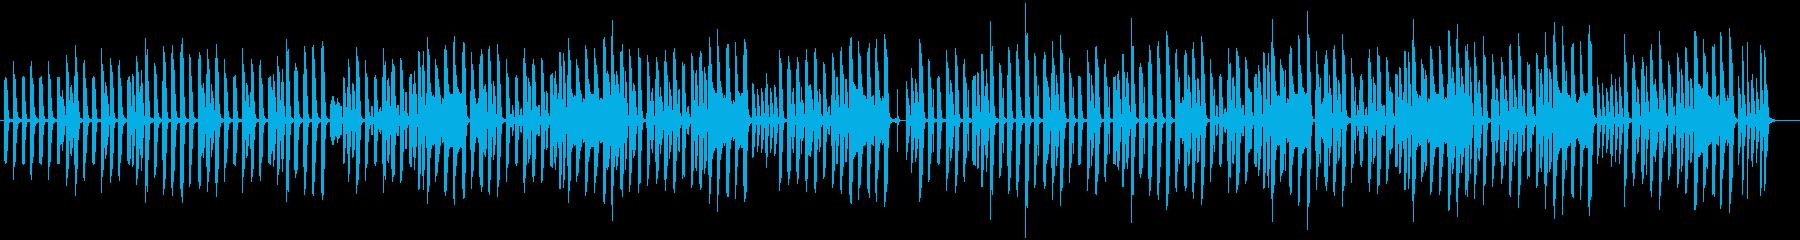 ほのぼのした日常系ポップスの再生済みの波形